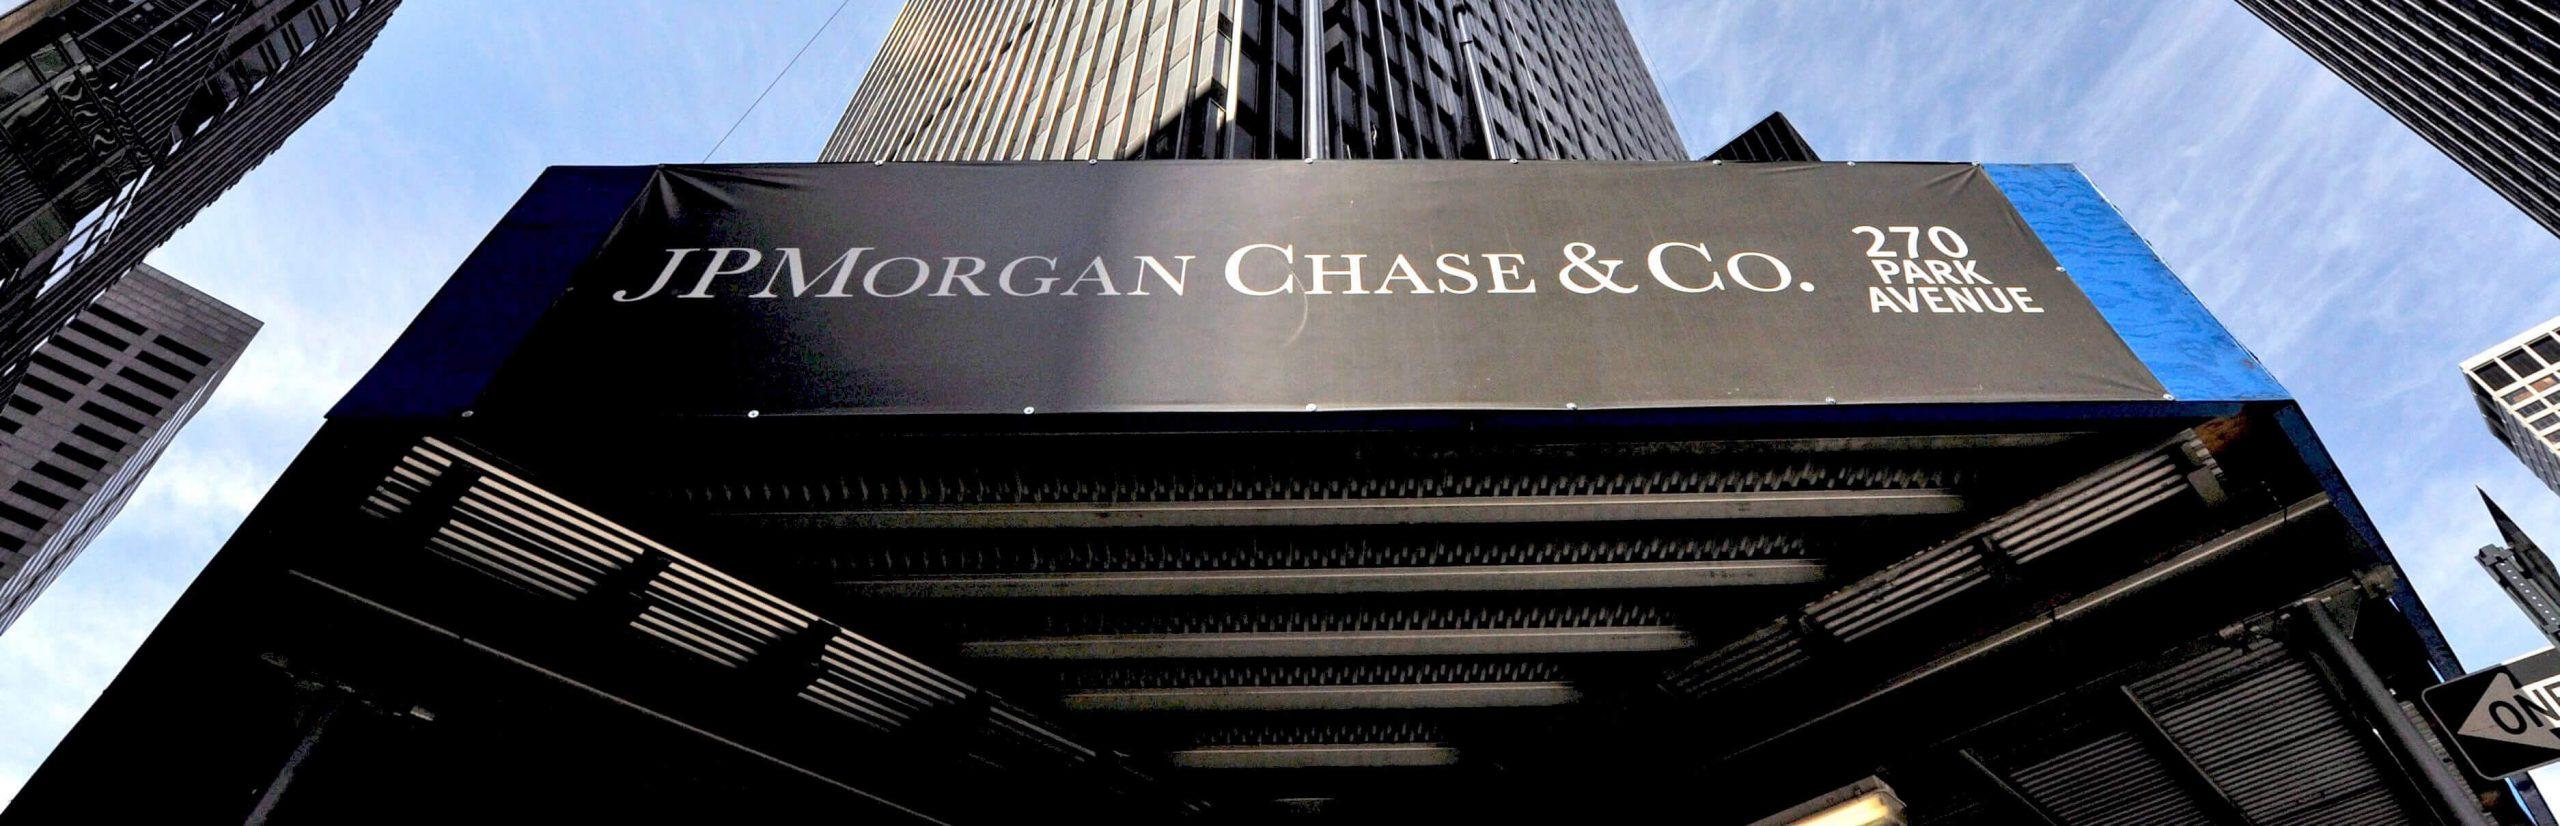 JP Morgan BTC